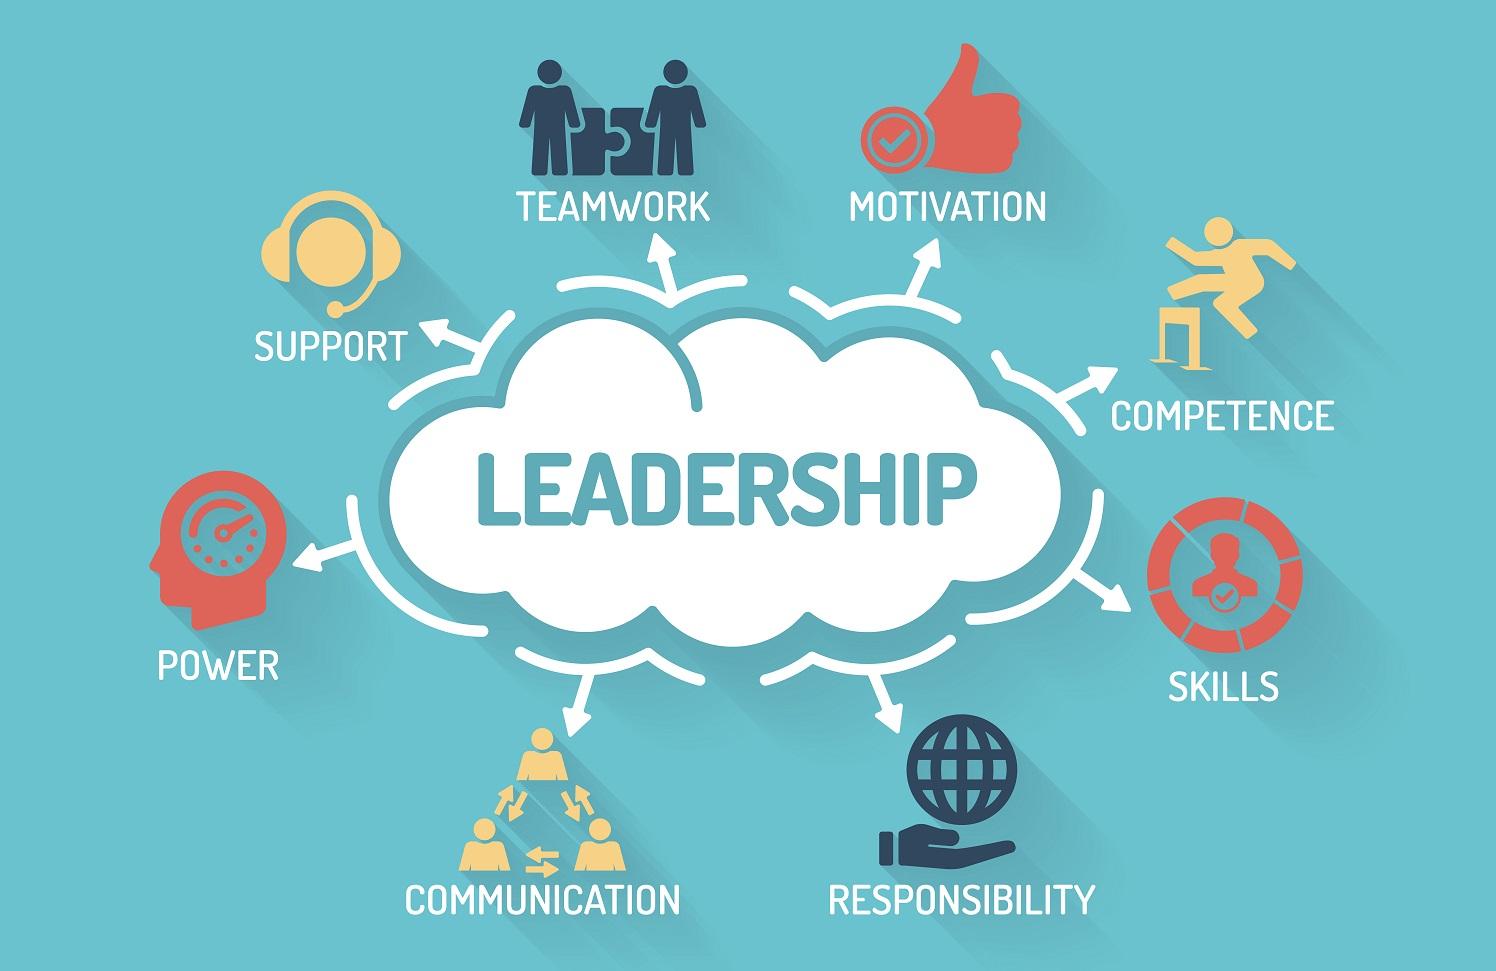 Leadership Cloud Diagram